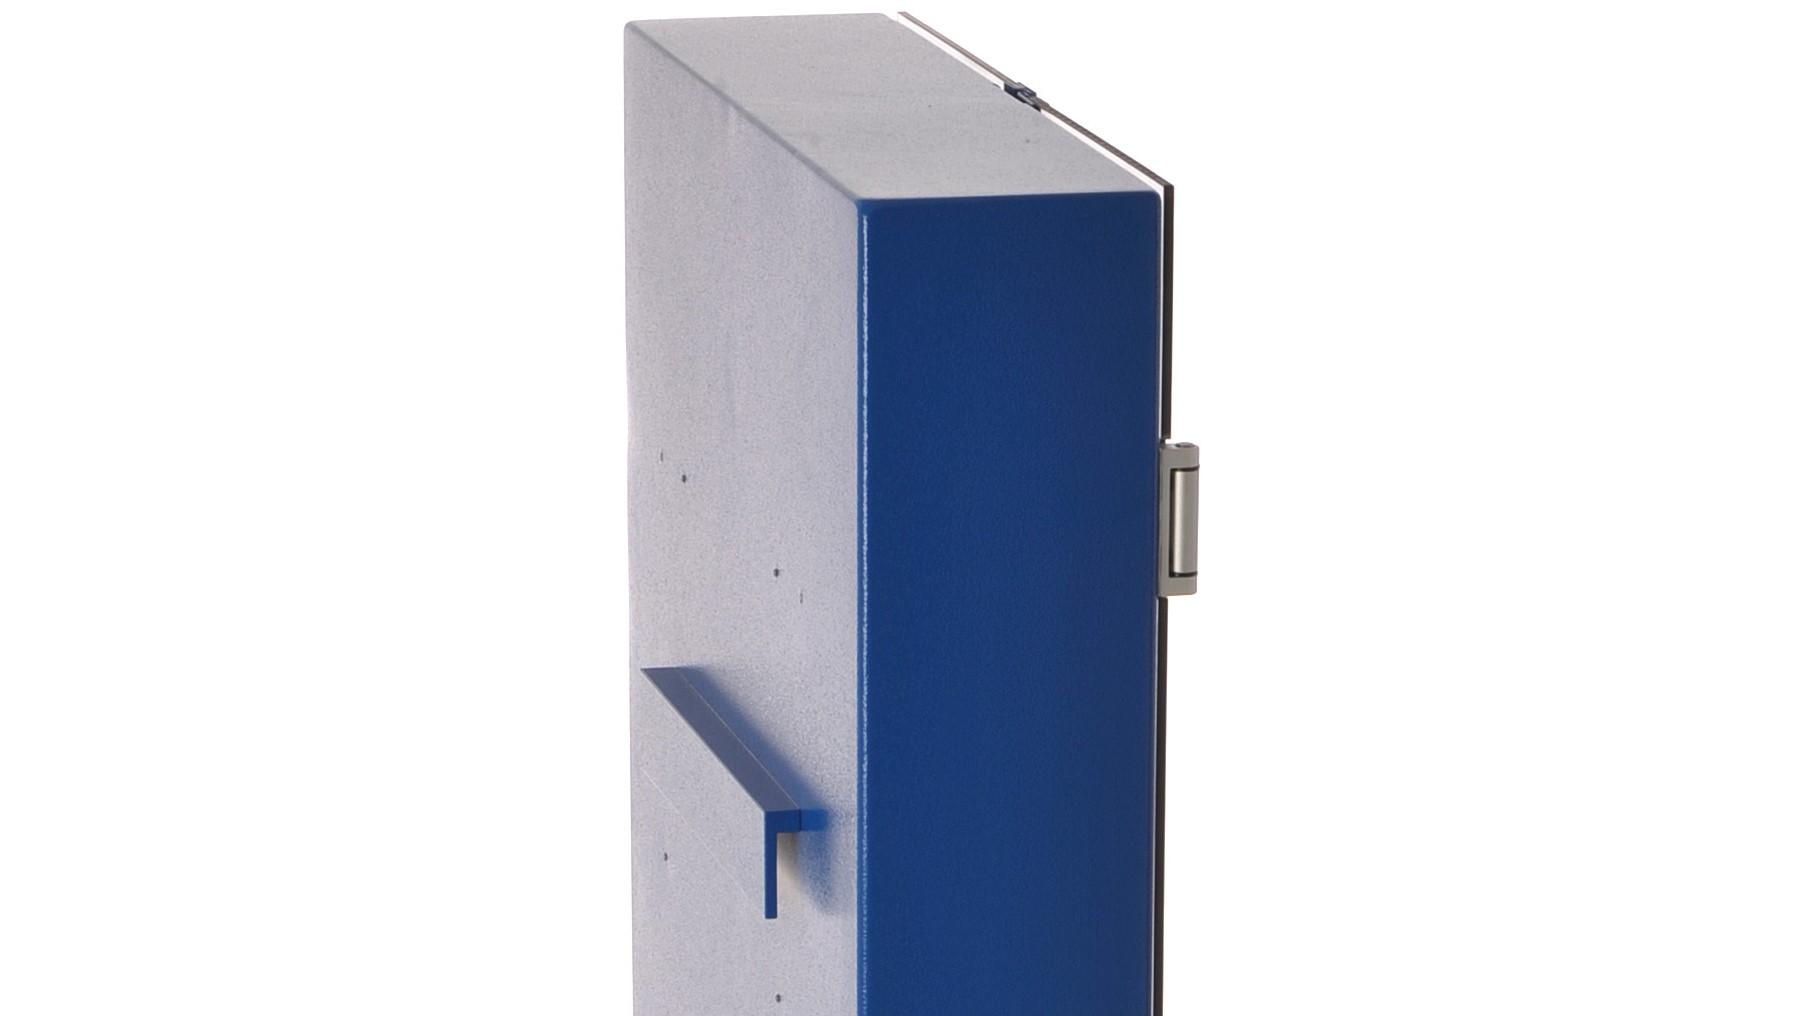 koloskop-gastroskop-schrank-normschiene